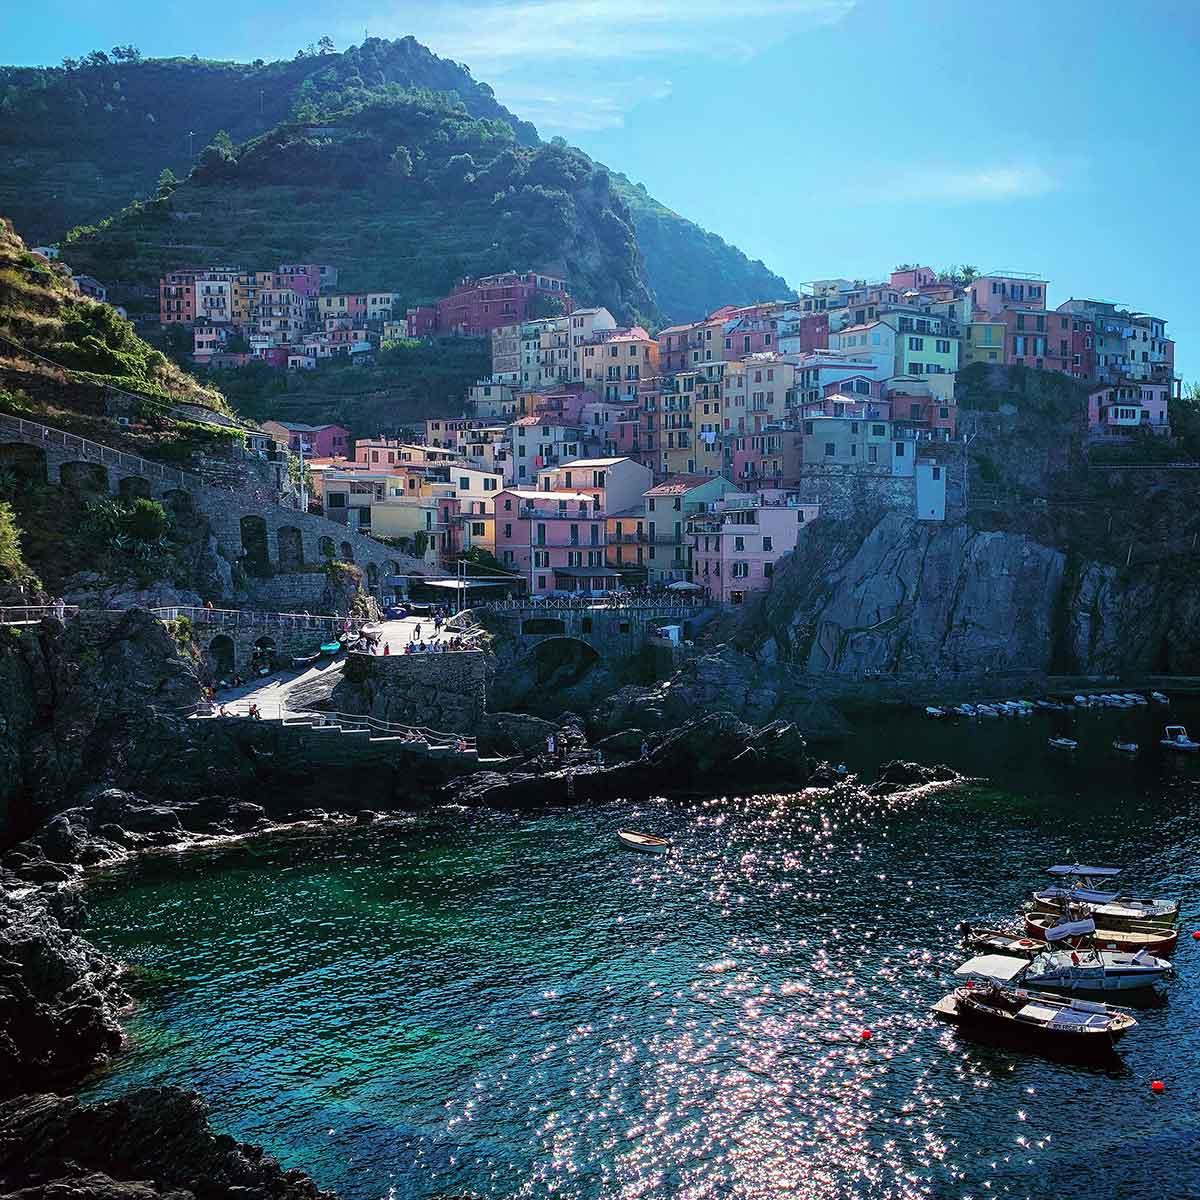 Manarola homes in Cinque Terre, Italy